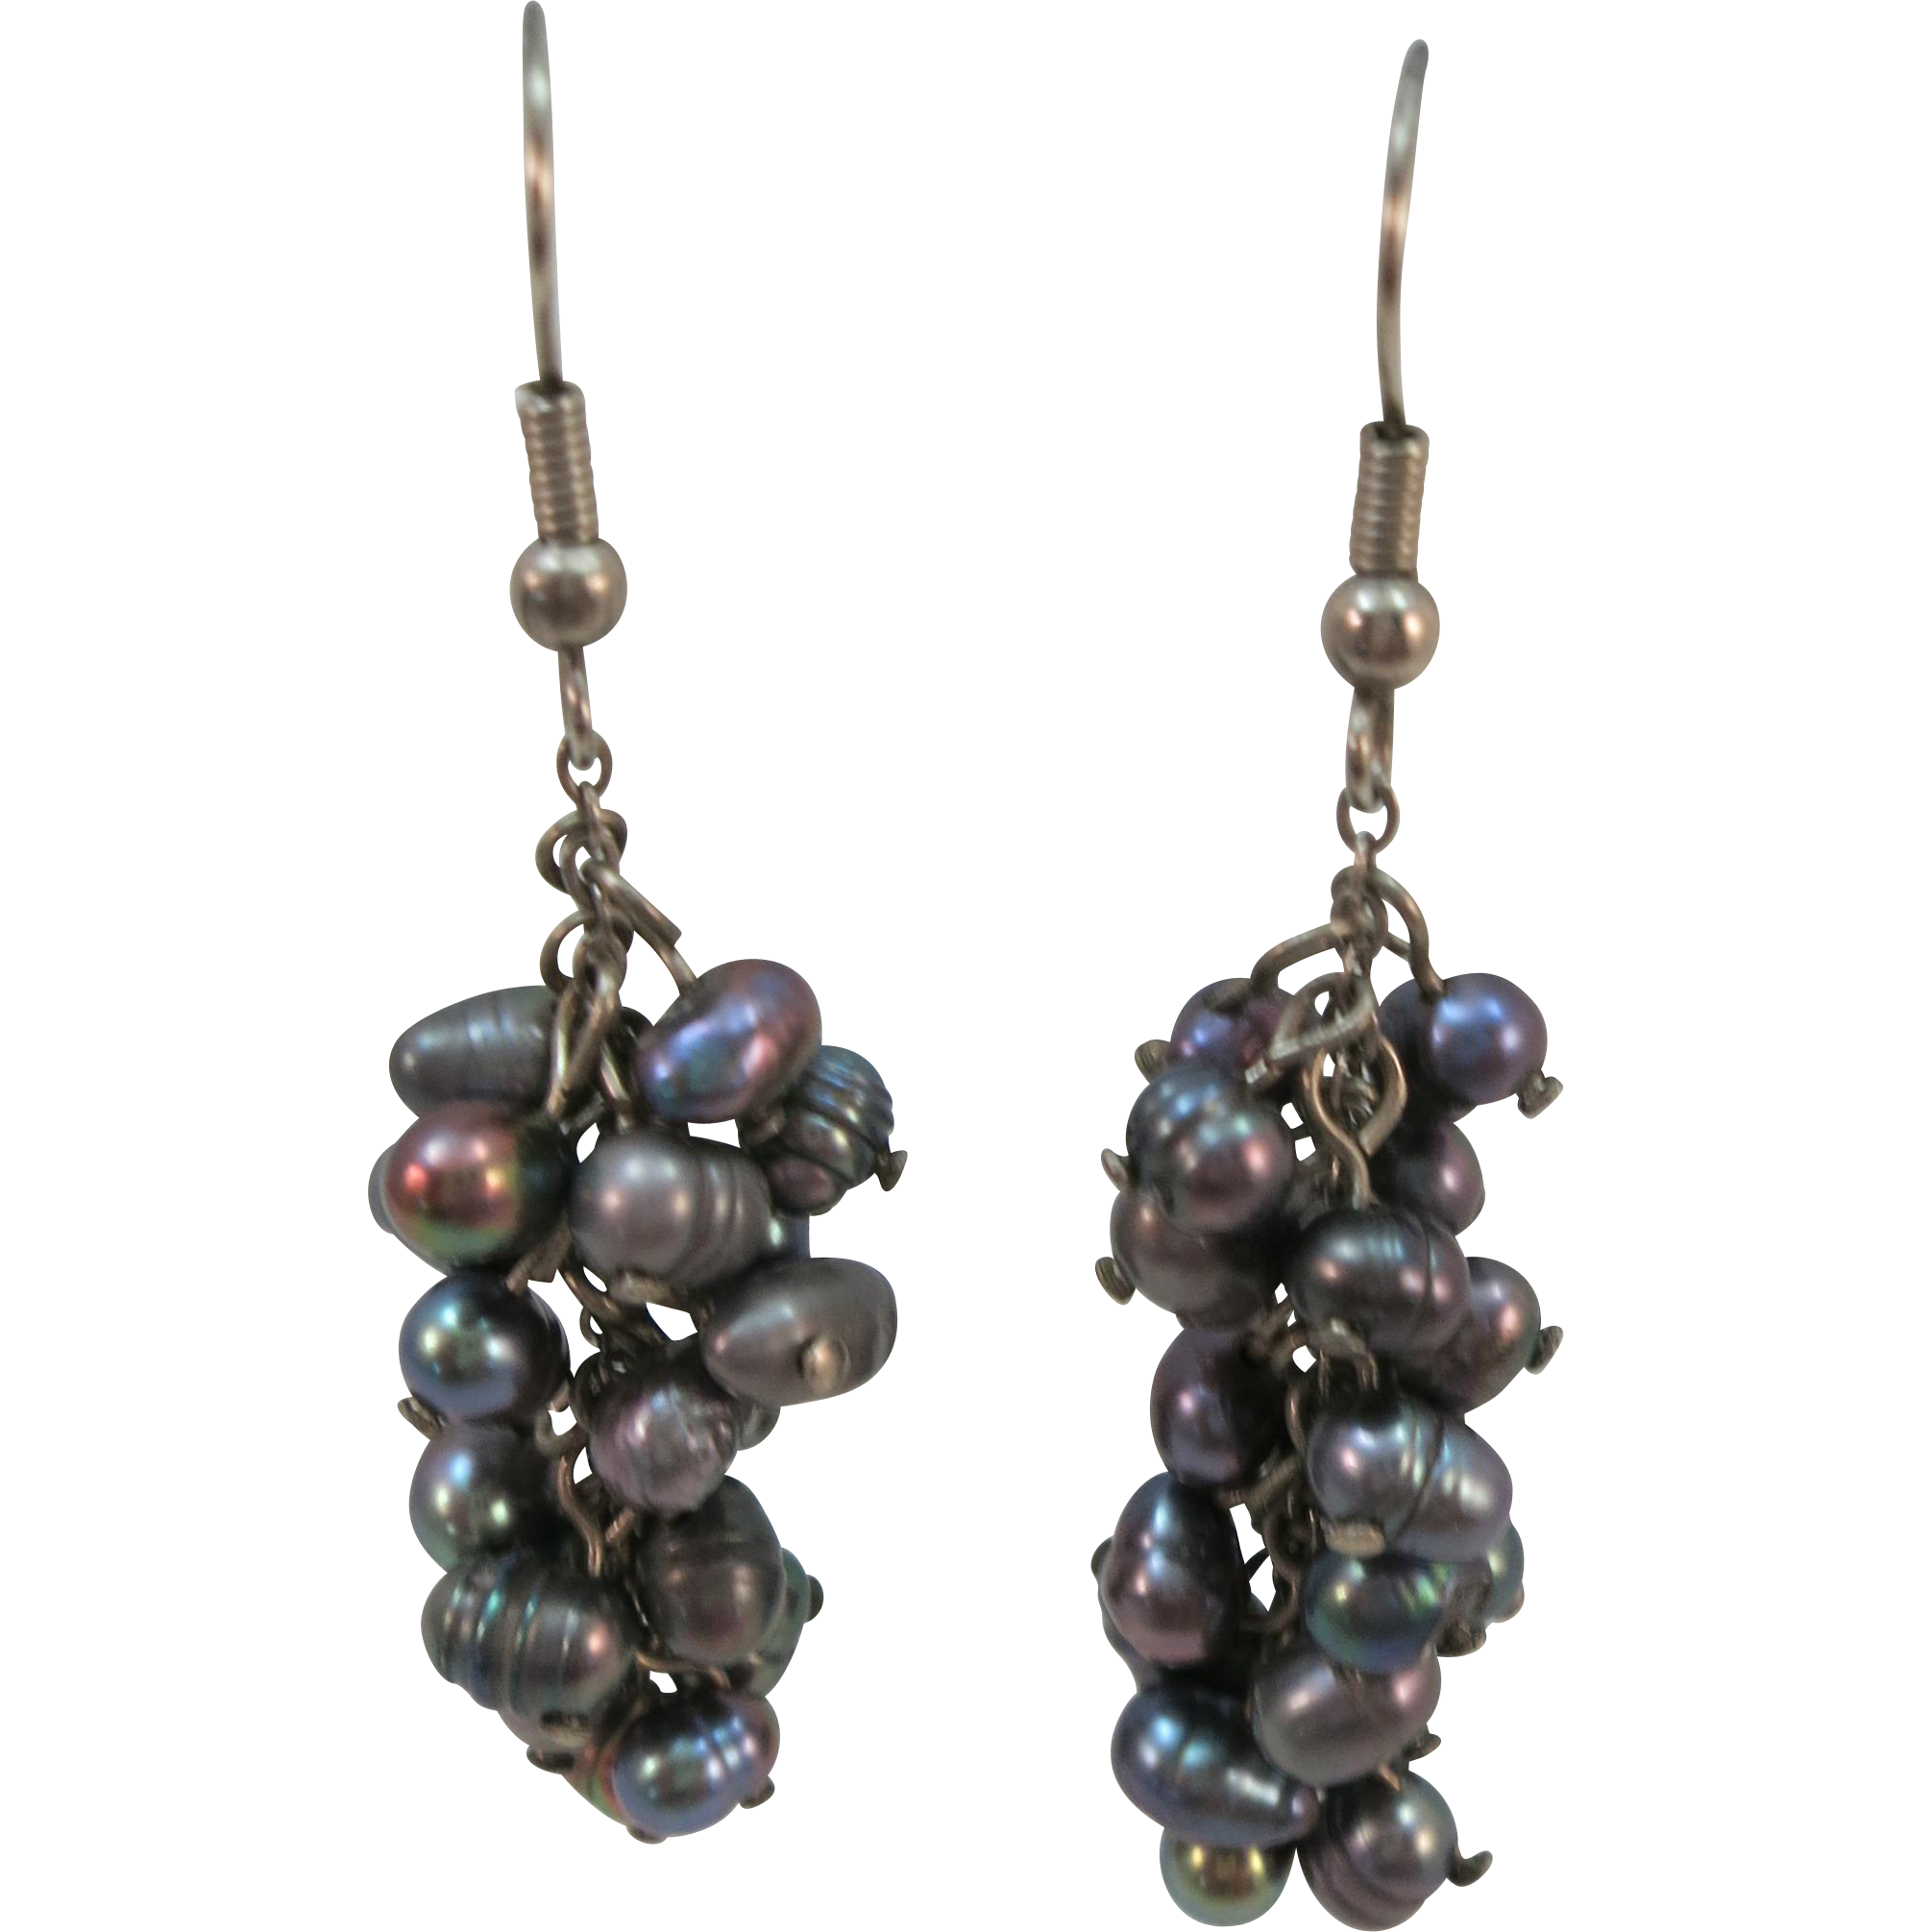 VINTAGE Fresh Water Pearls Dangle Earrings 2 inch length